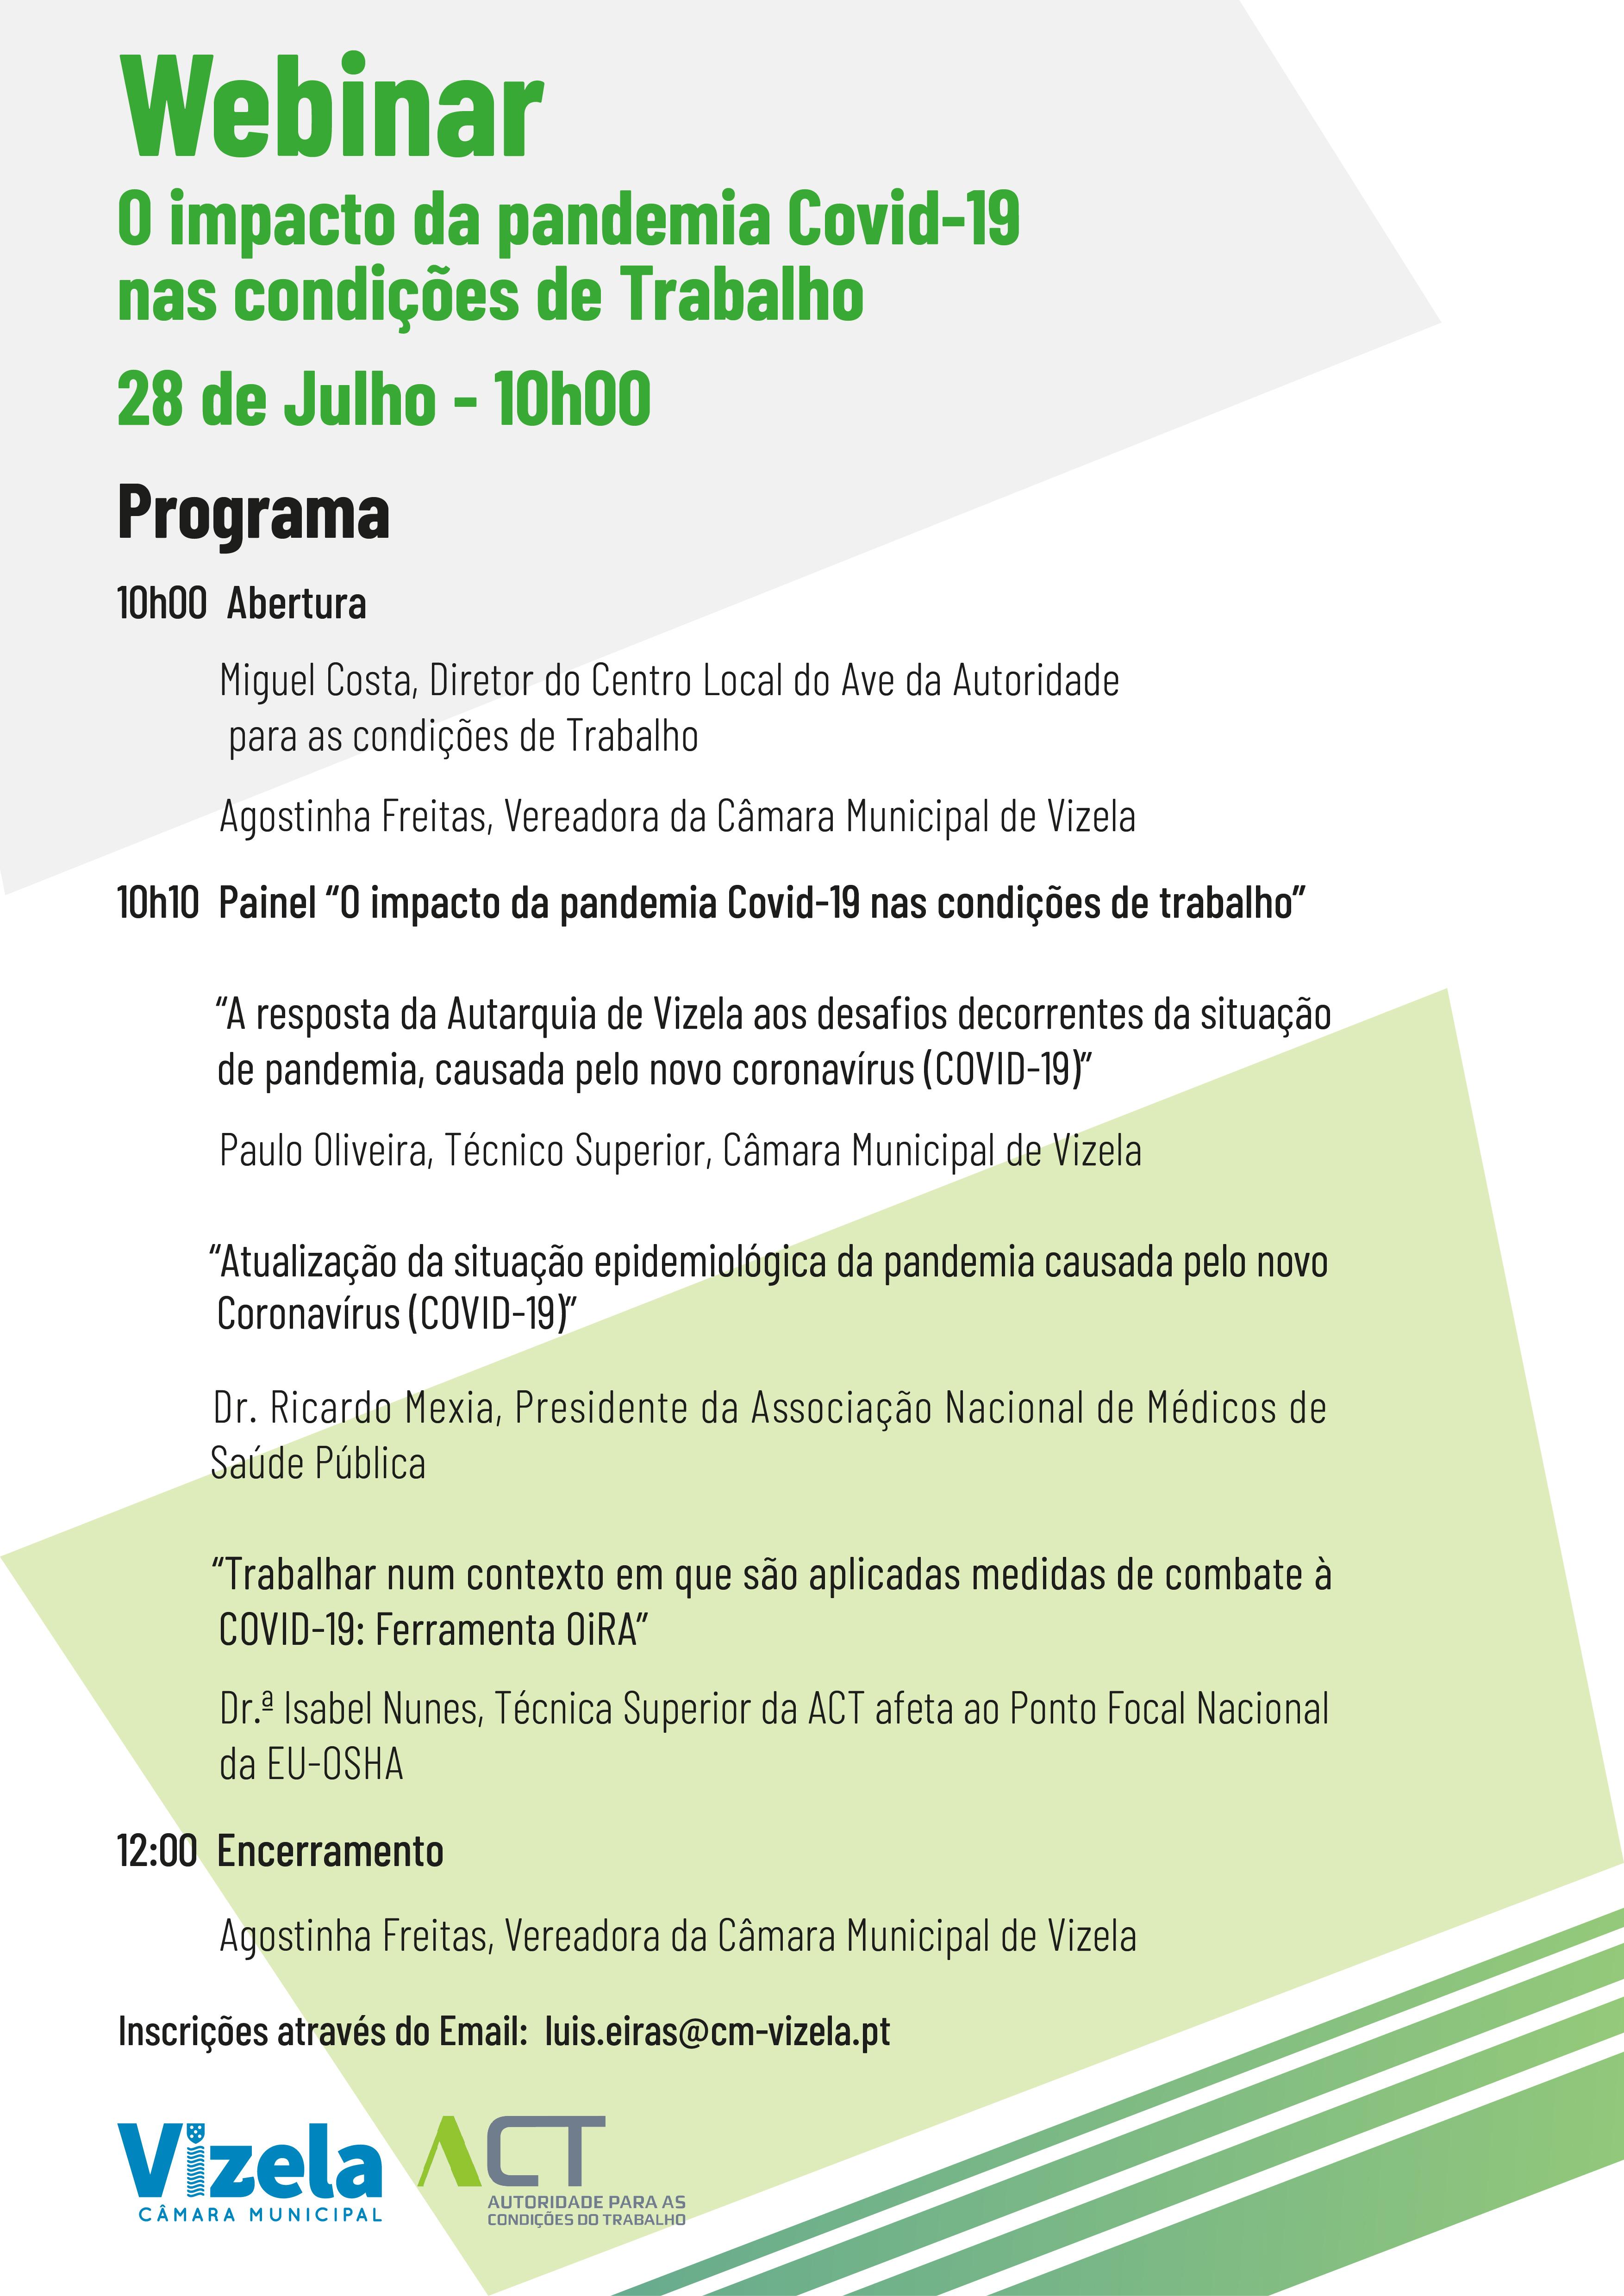 WEBINAR – O IMPACTO DA PANDEMIA COVID-19 NAS CONDIÇÕES DE TRABALHO – 28 DE JULHO – 10H00